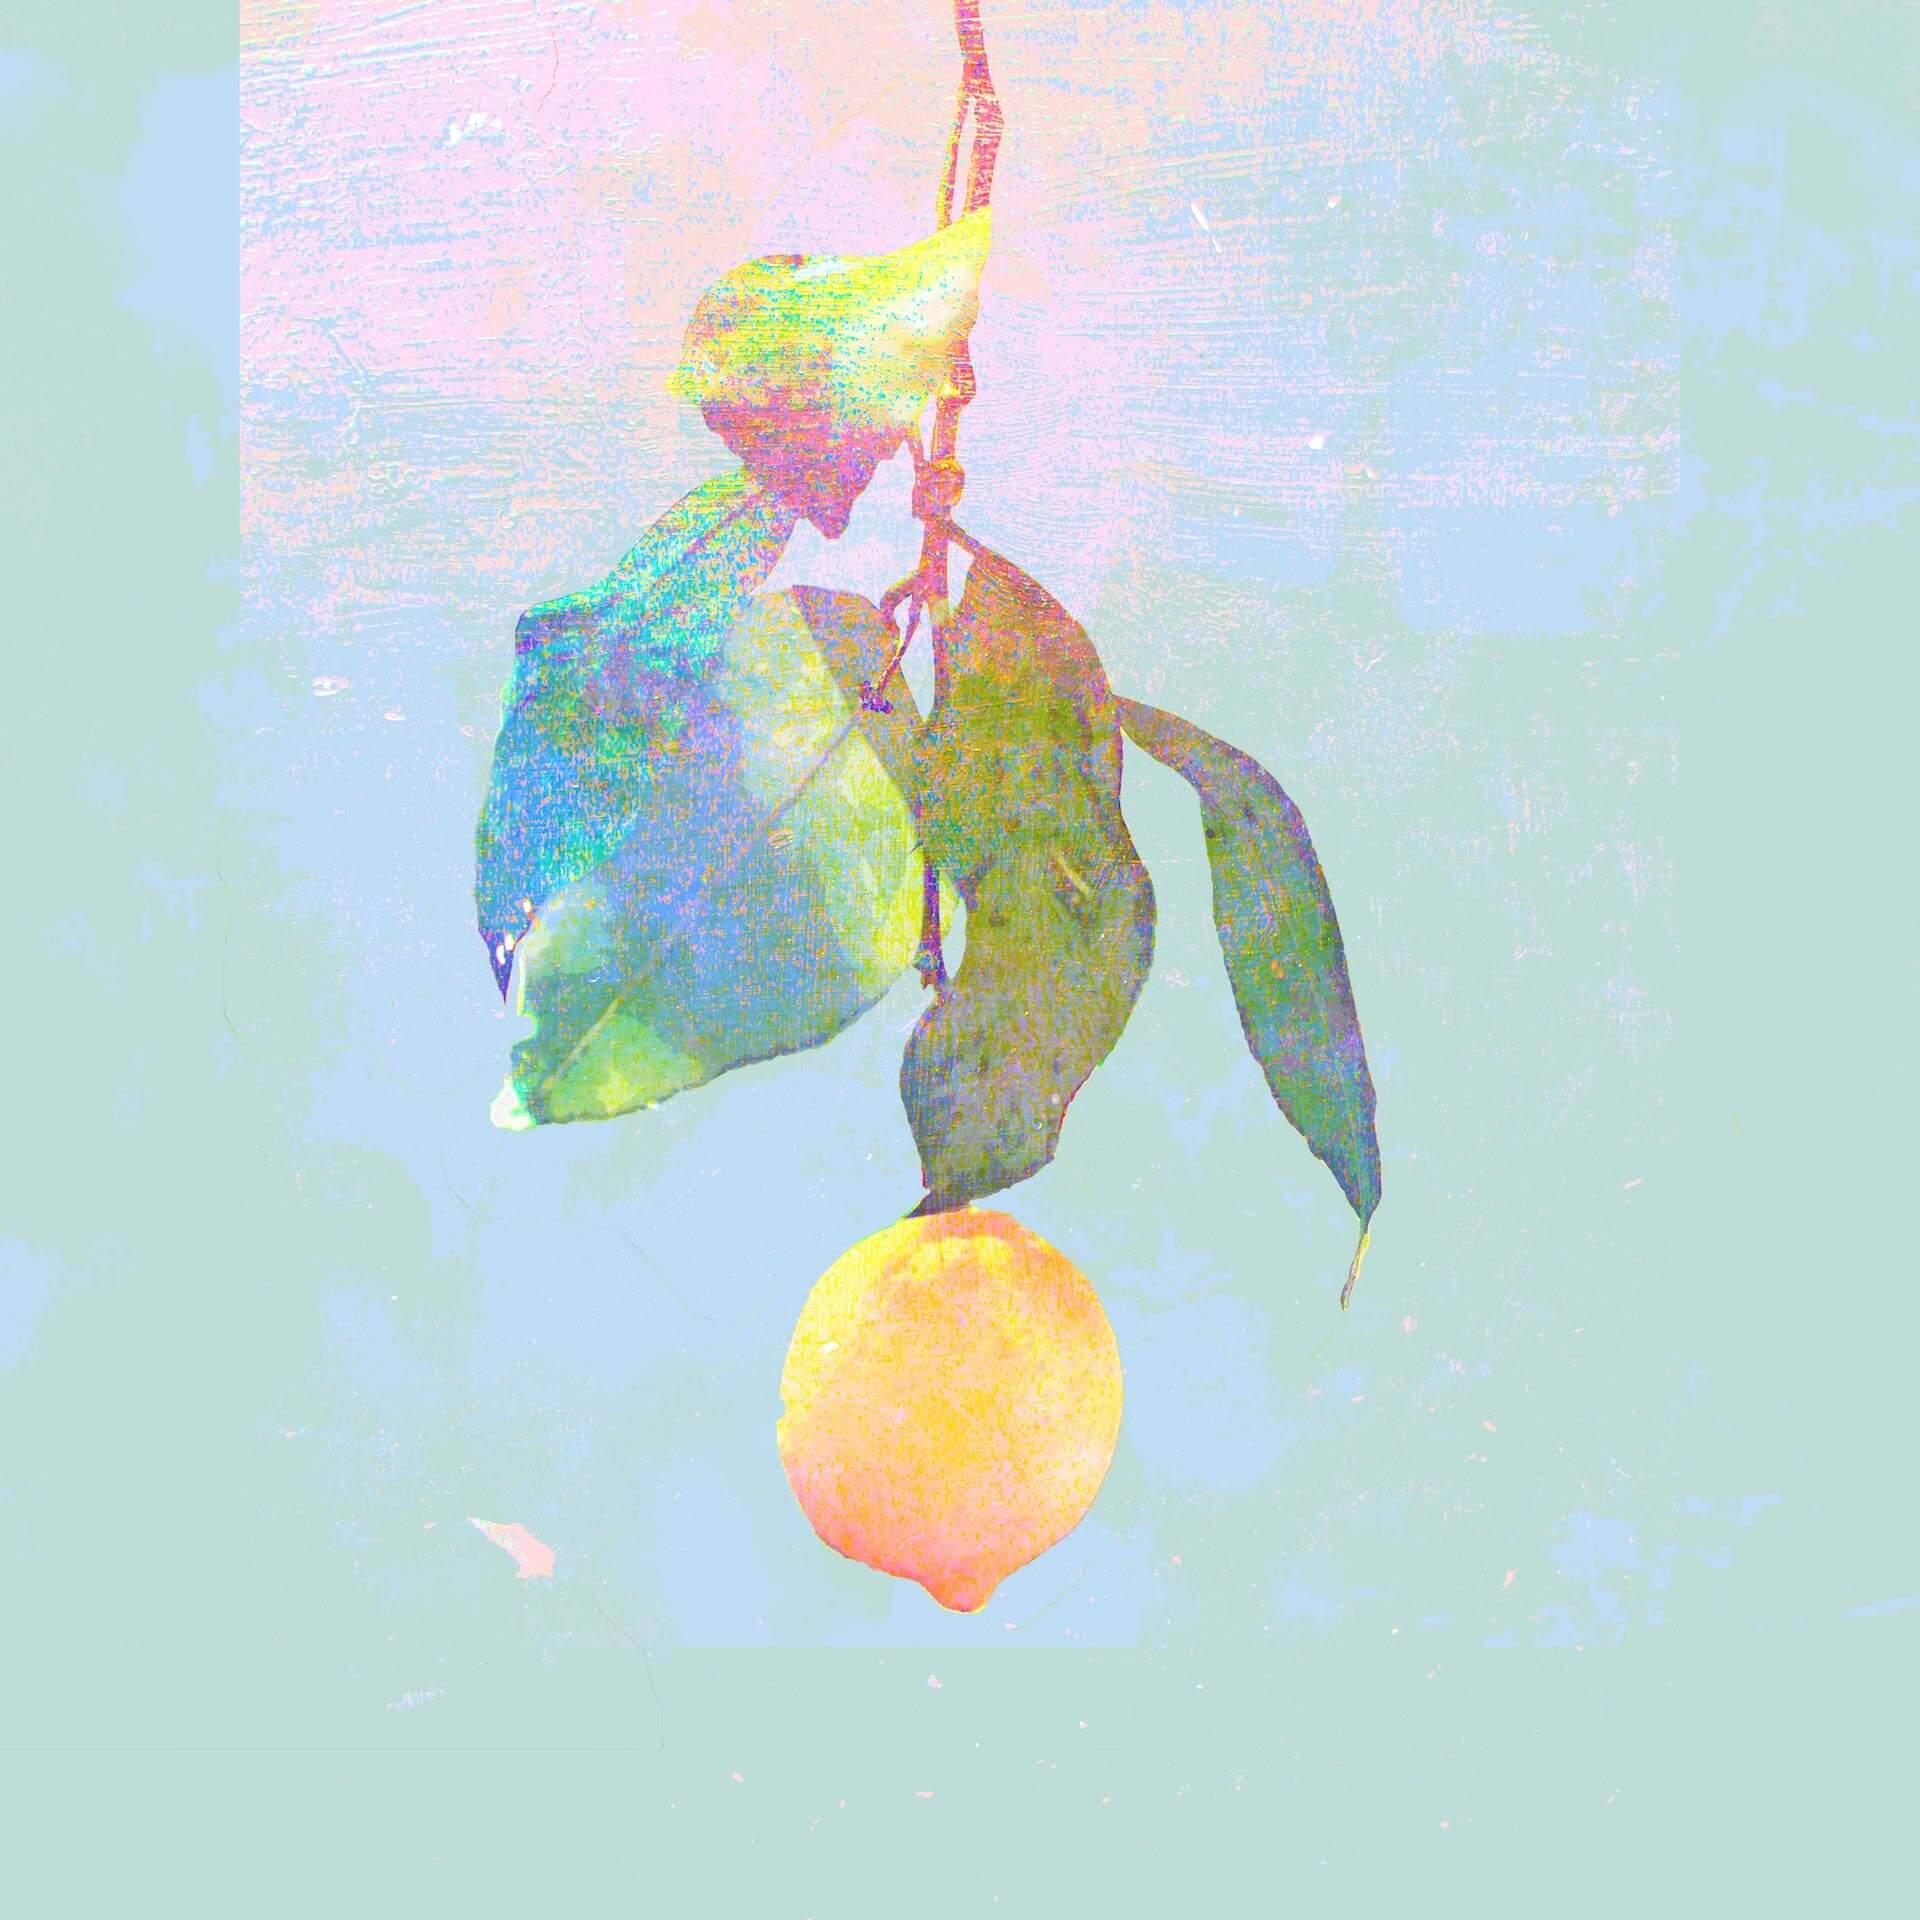 米津玄師、今度は日米史上初!前代未聞「Lemon」がBillboard年間チャート2年連続受賞 music191206_yonezukenshi_lemon_2